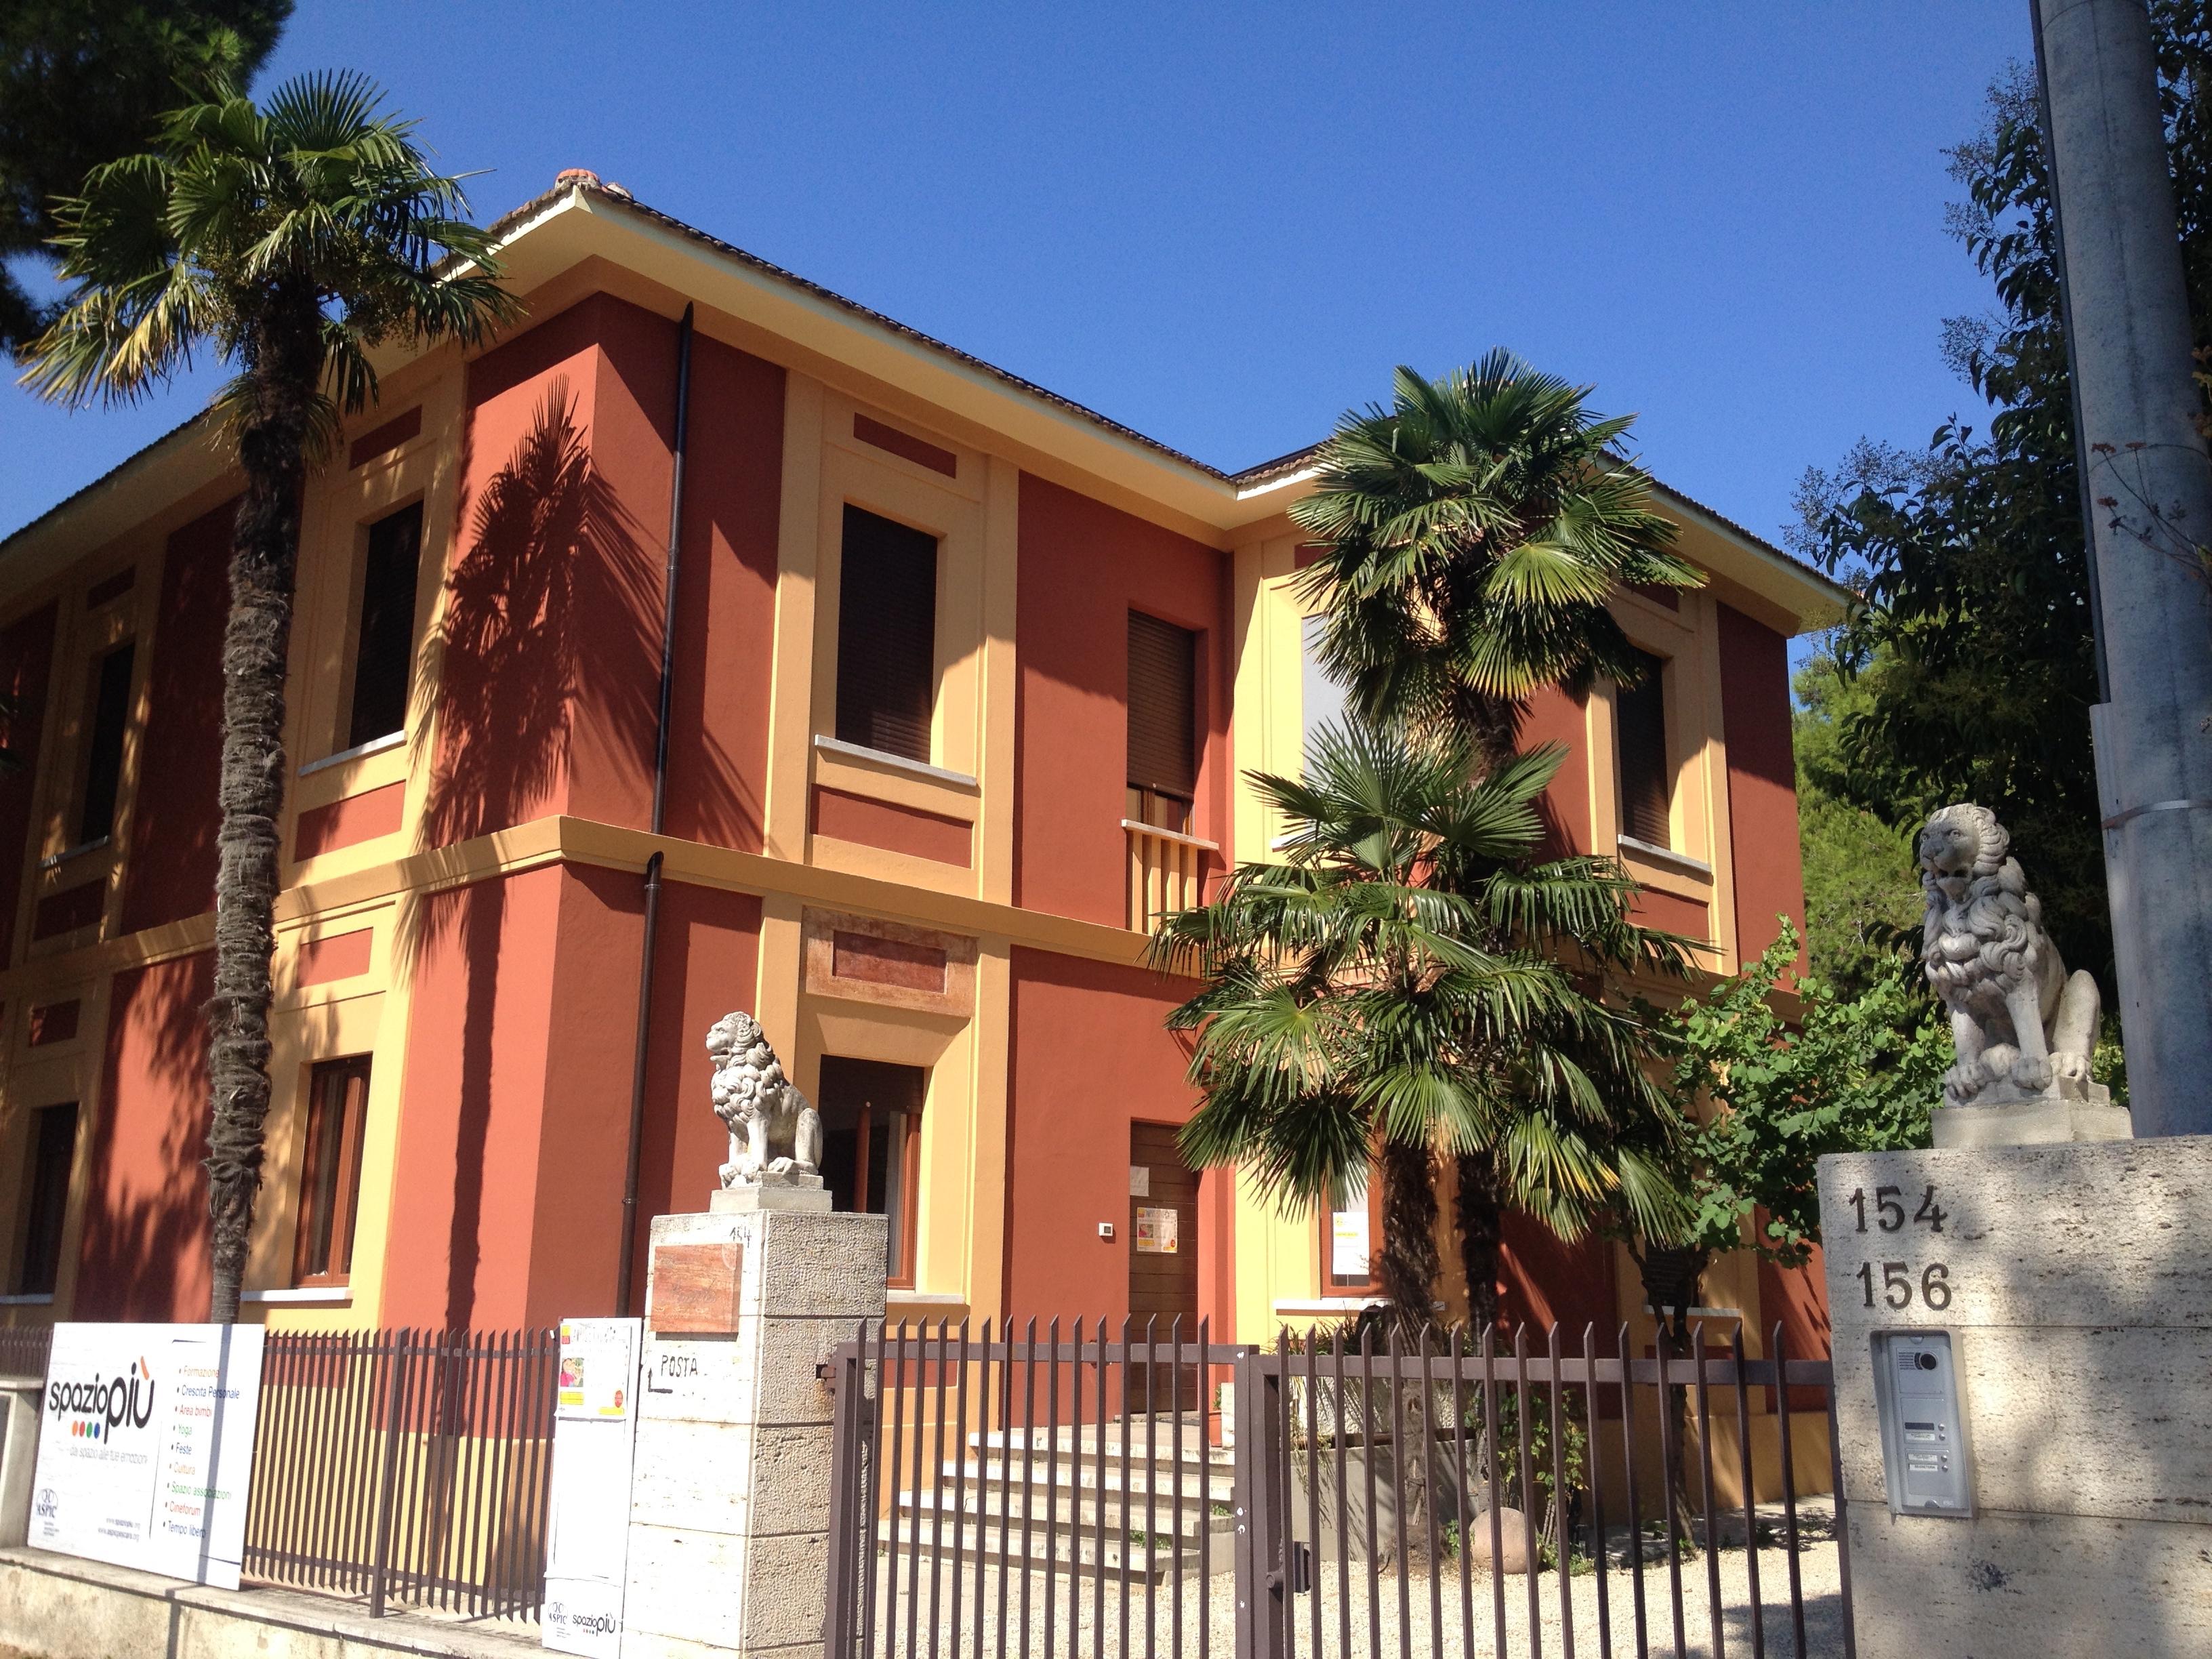 La sede di SpazioPiù è una prestigiosa villa degli anni '50 a pochi minuti dalla stazione centrale di Pescara